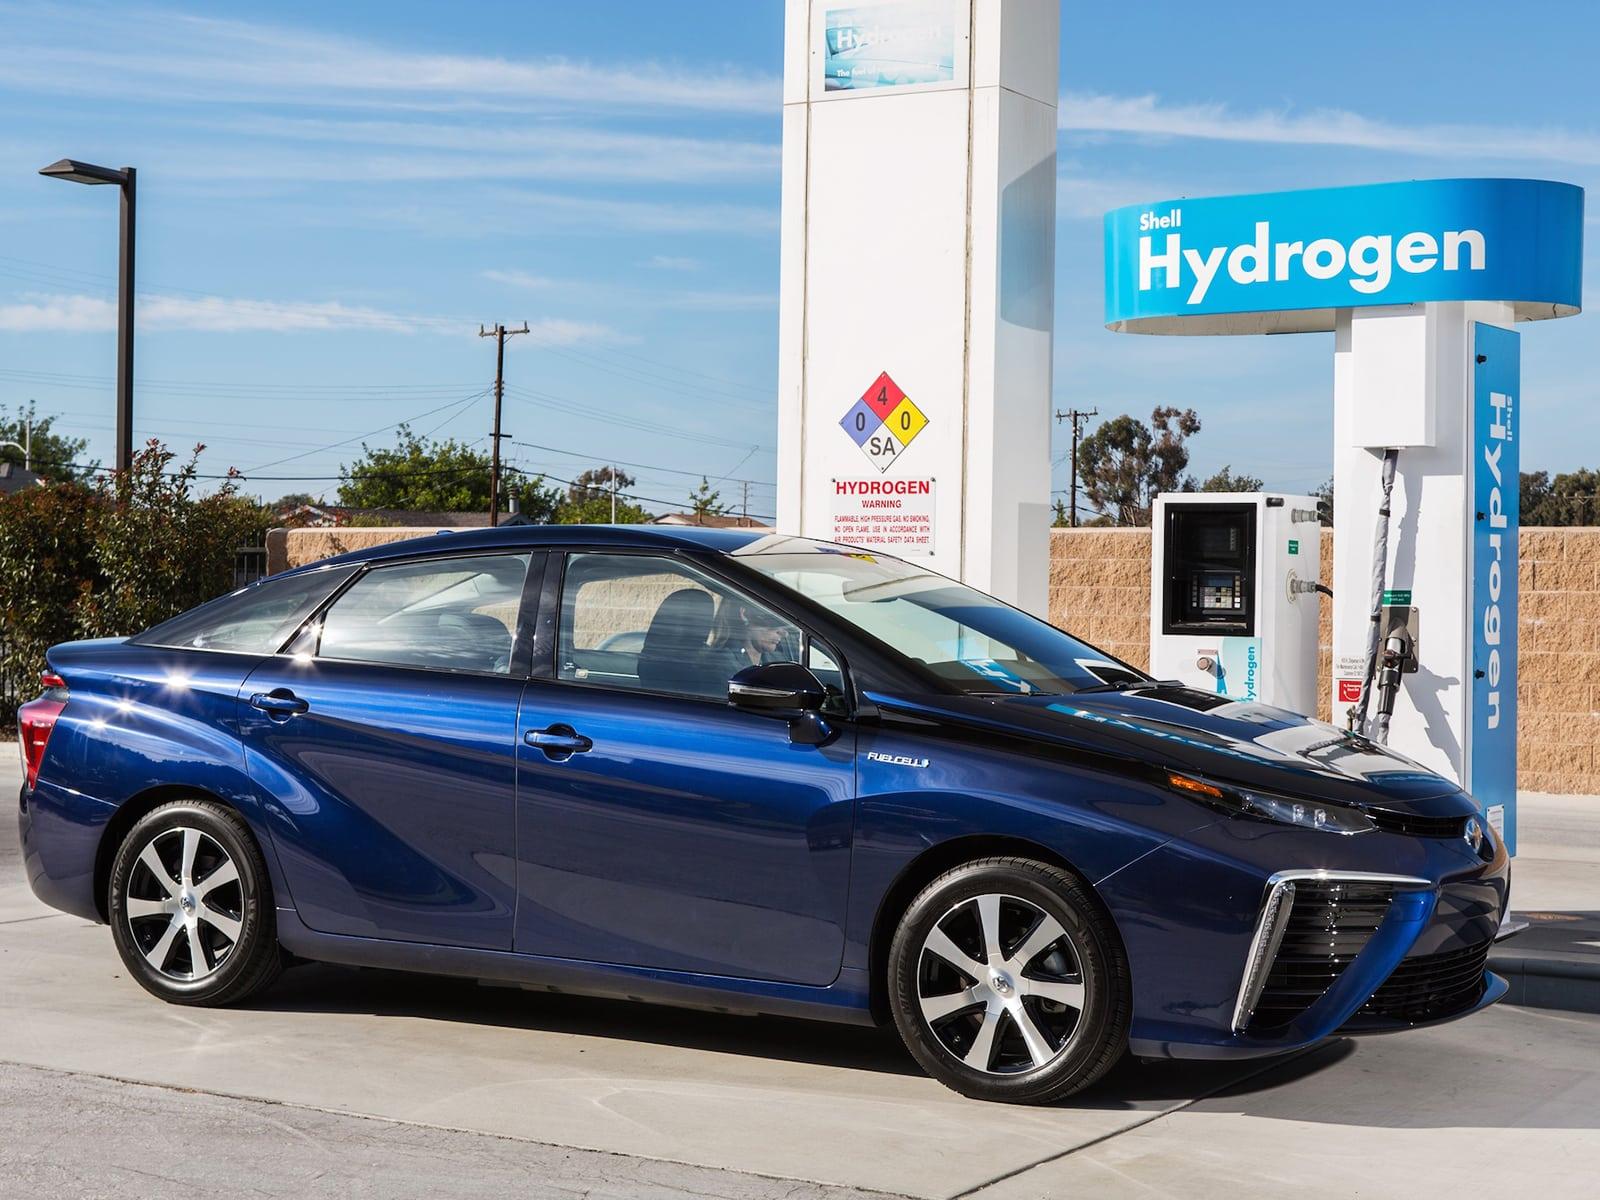 ¿Cuál es el futuro del hidrógeno en los autos y qué marcas apuestan por él?